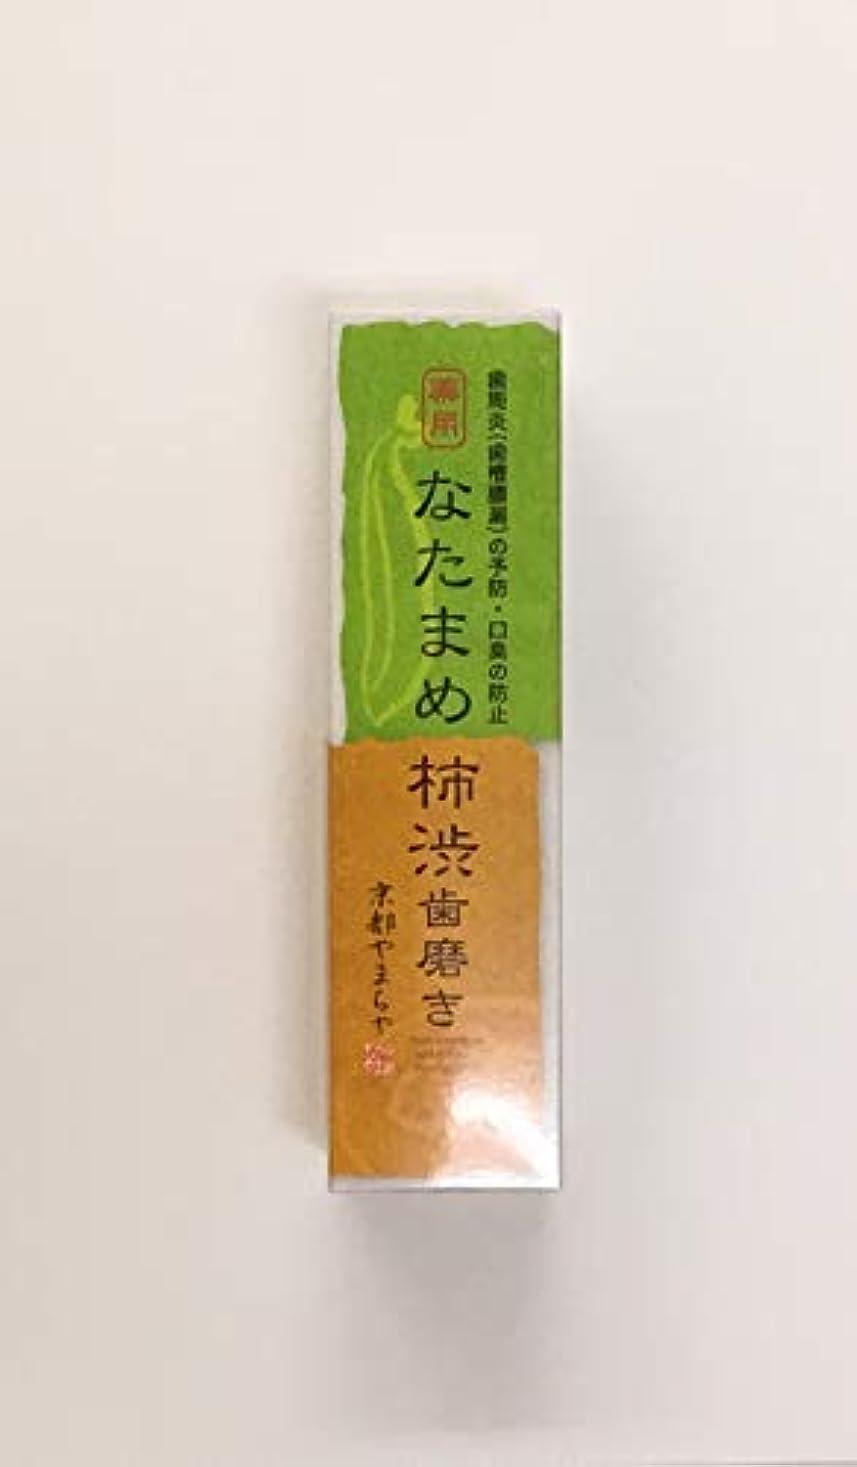 ハンディキャップ不快なオデュッセウスなたまめ柿渋歯磨き 120g